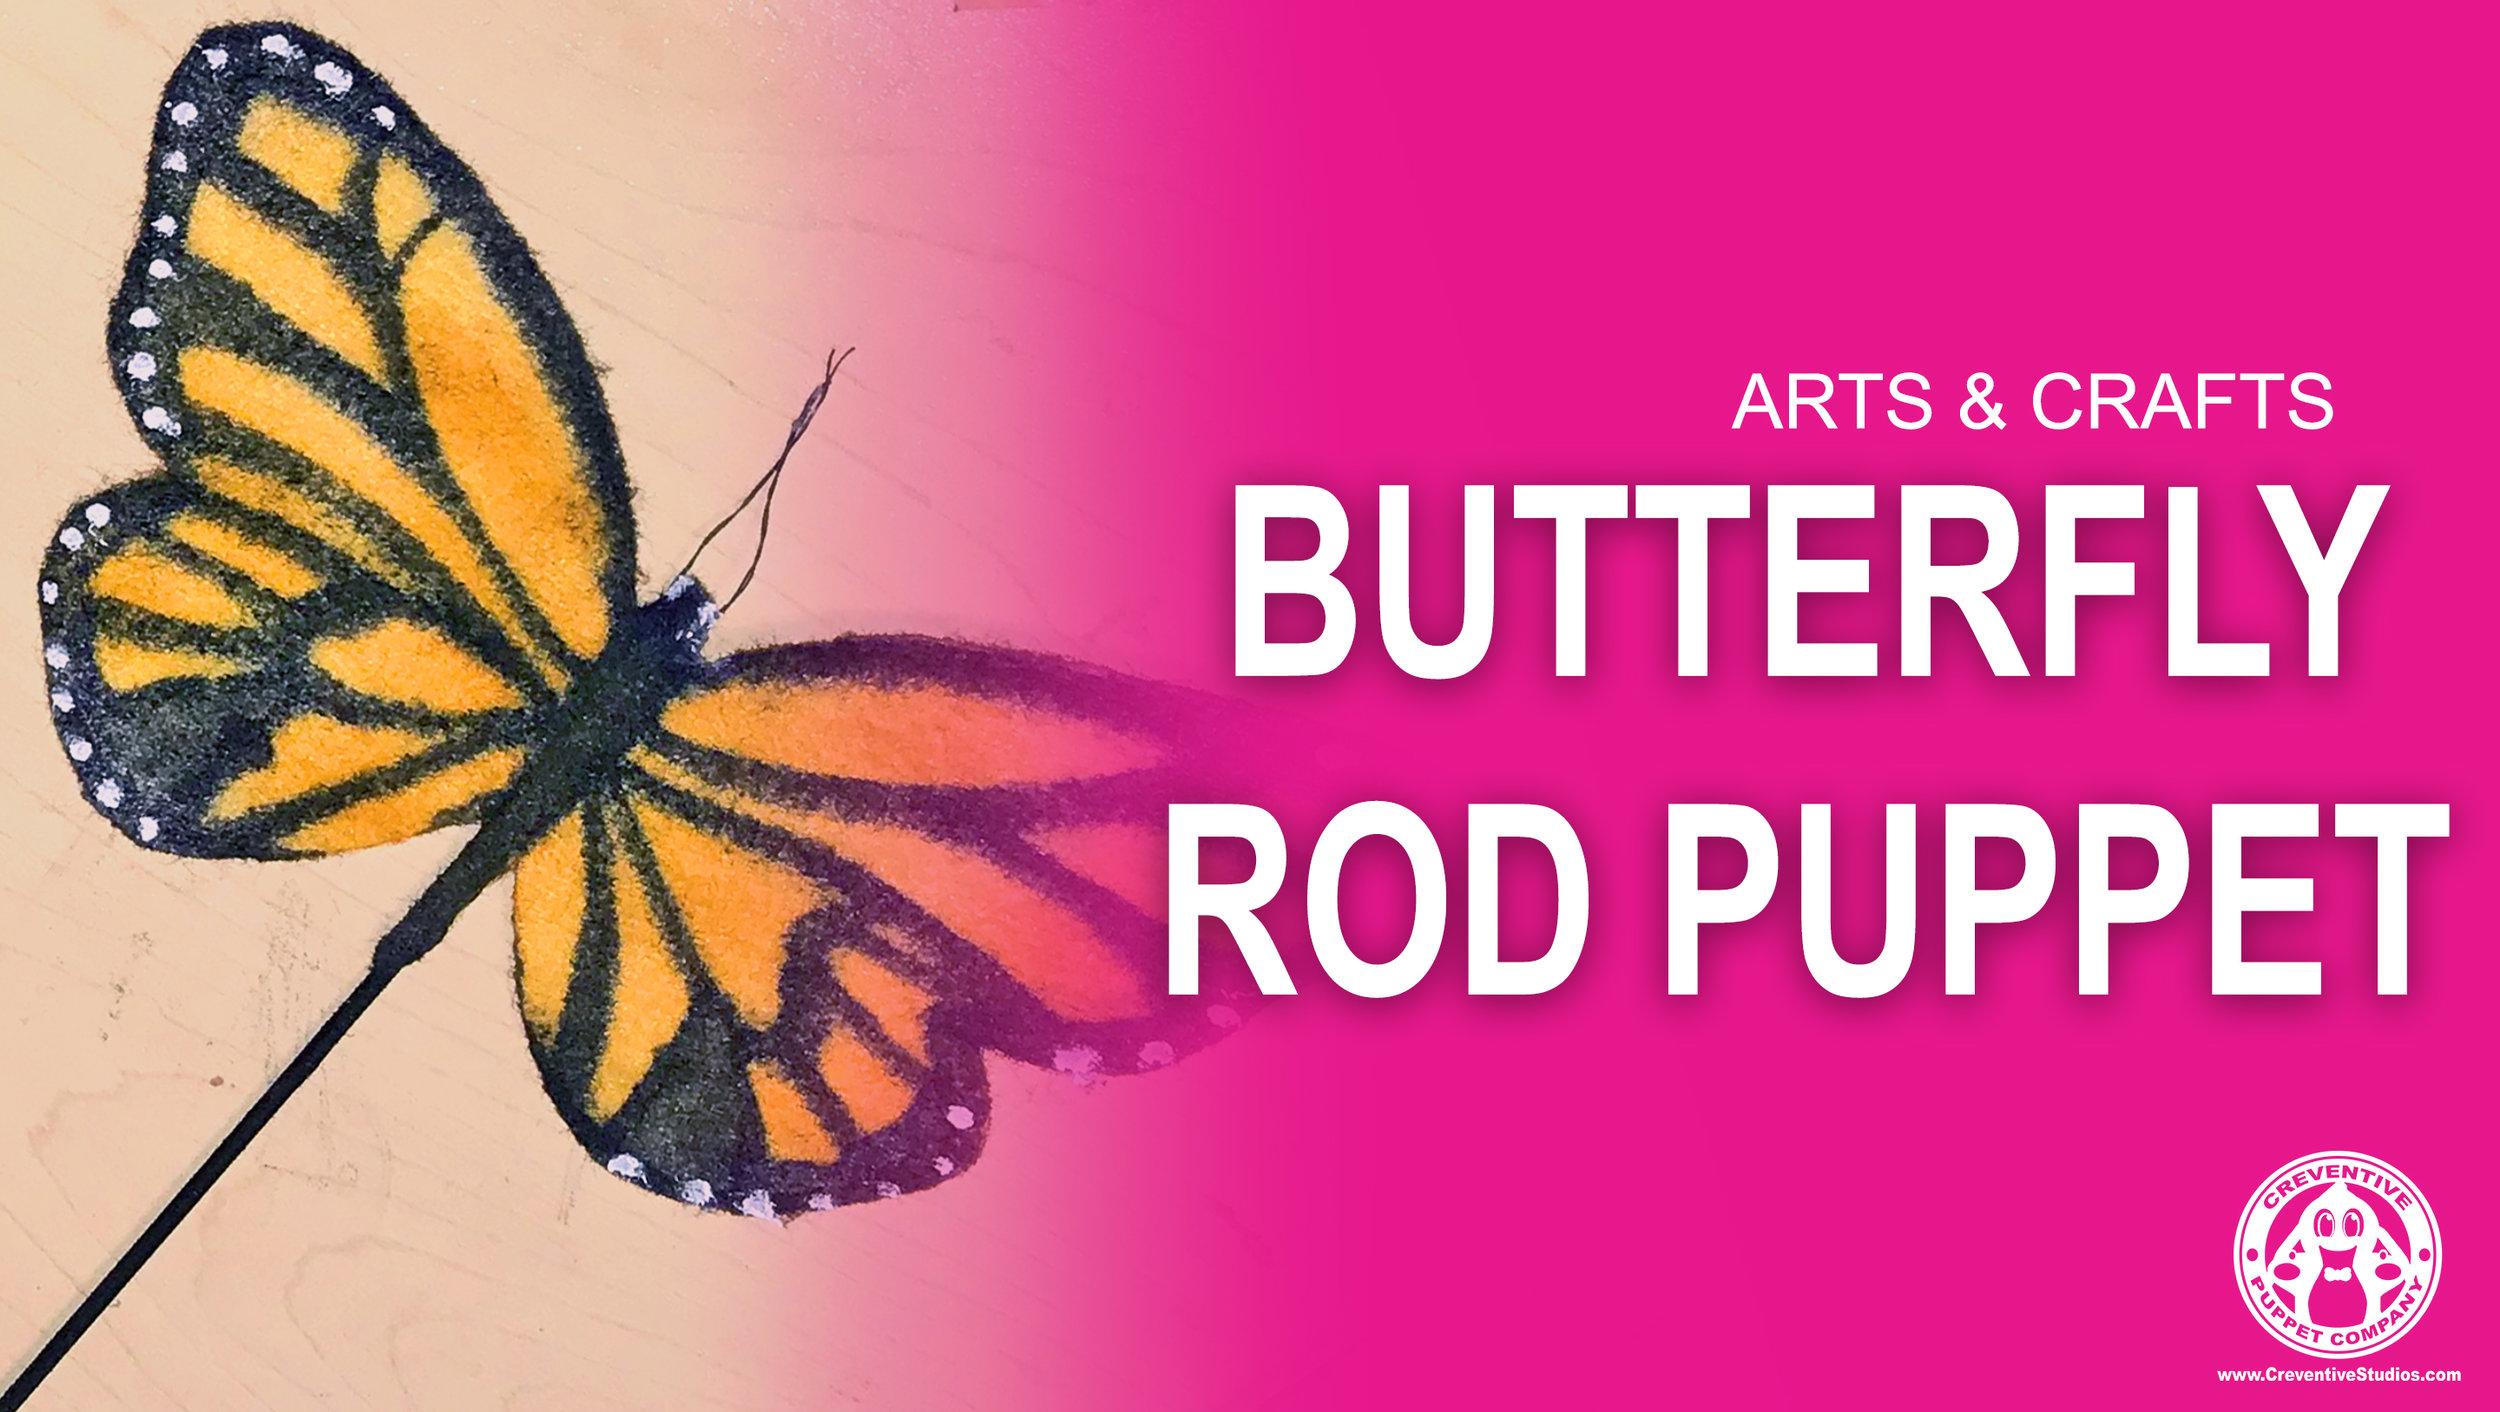 Butterfly_RodPuppet_Banner.jpg